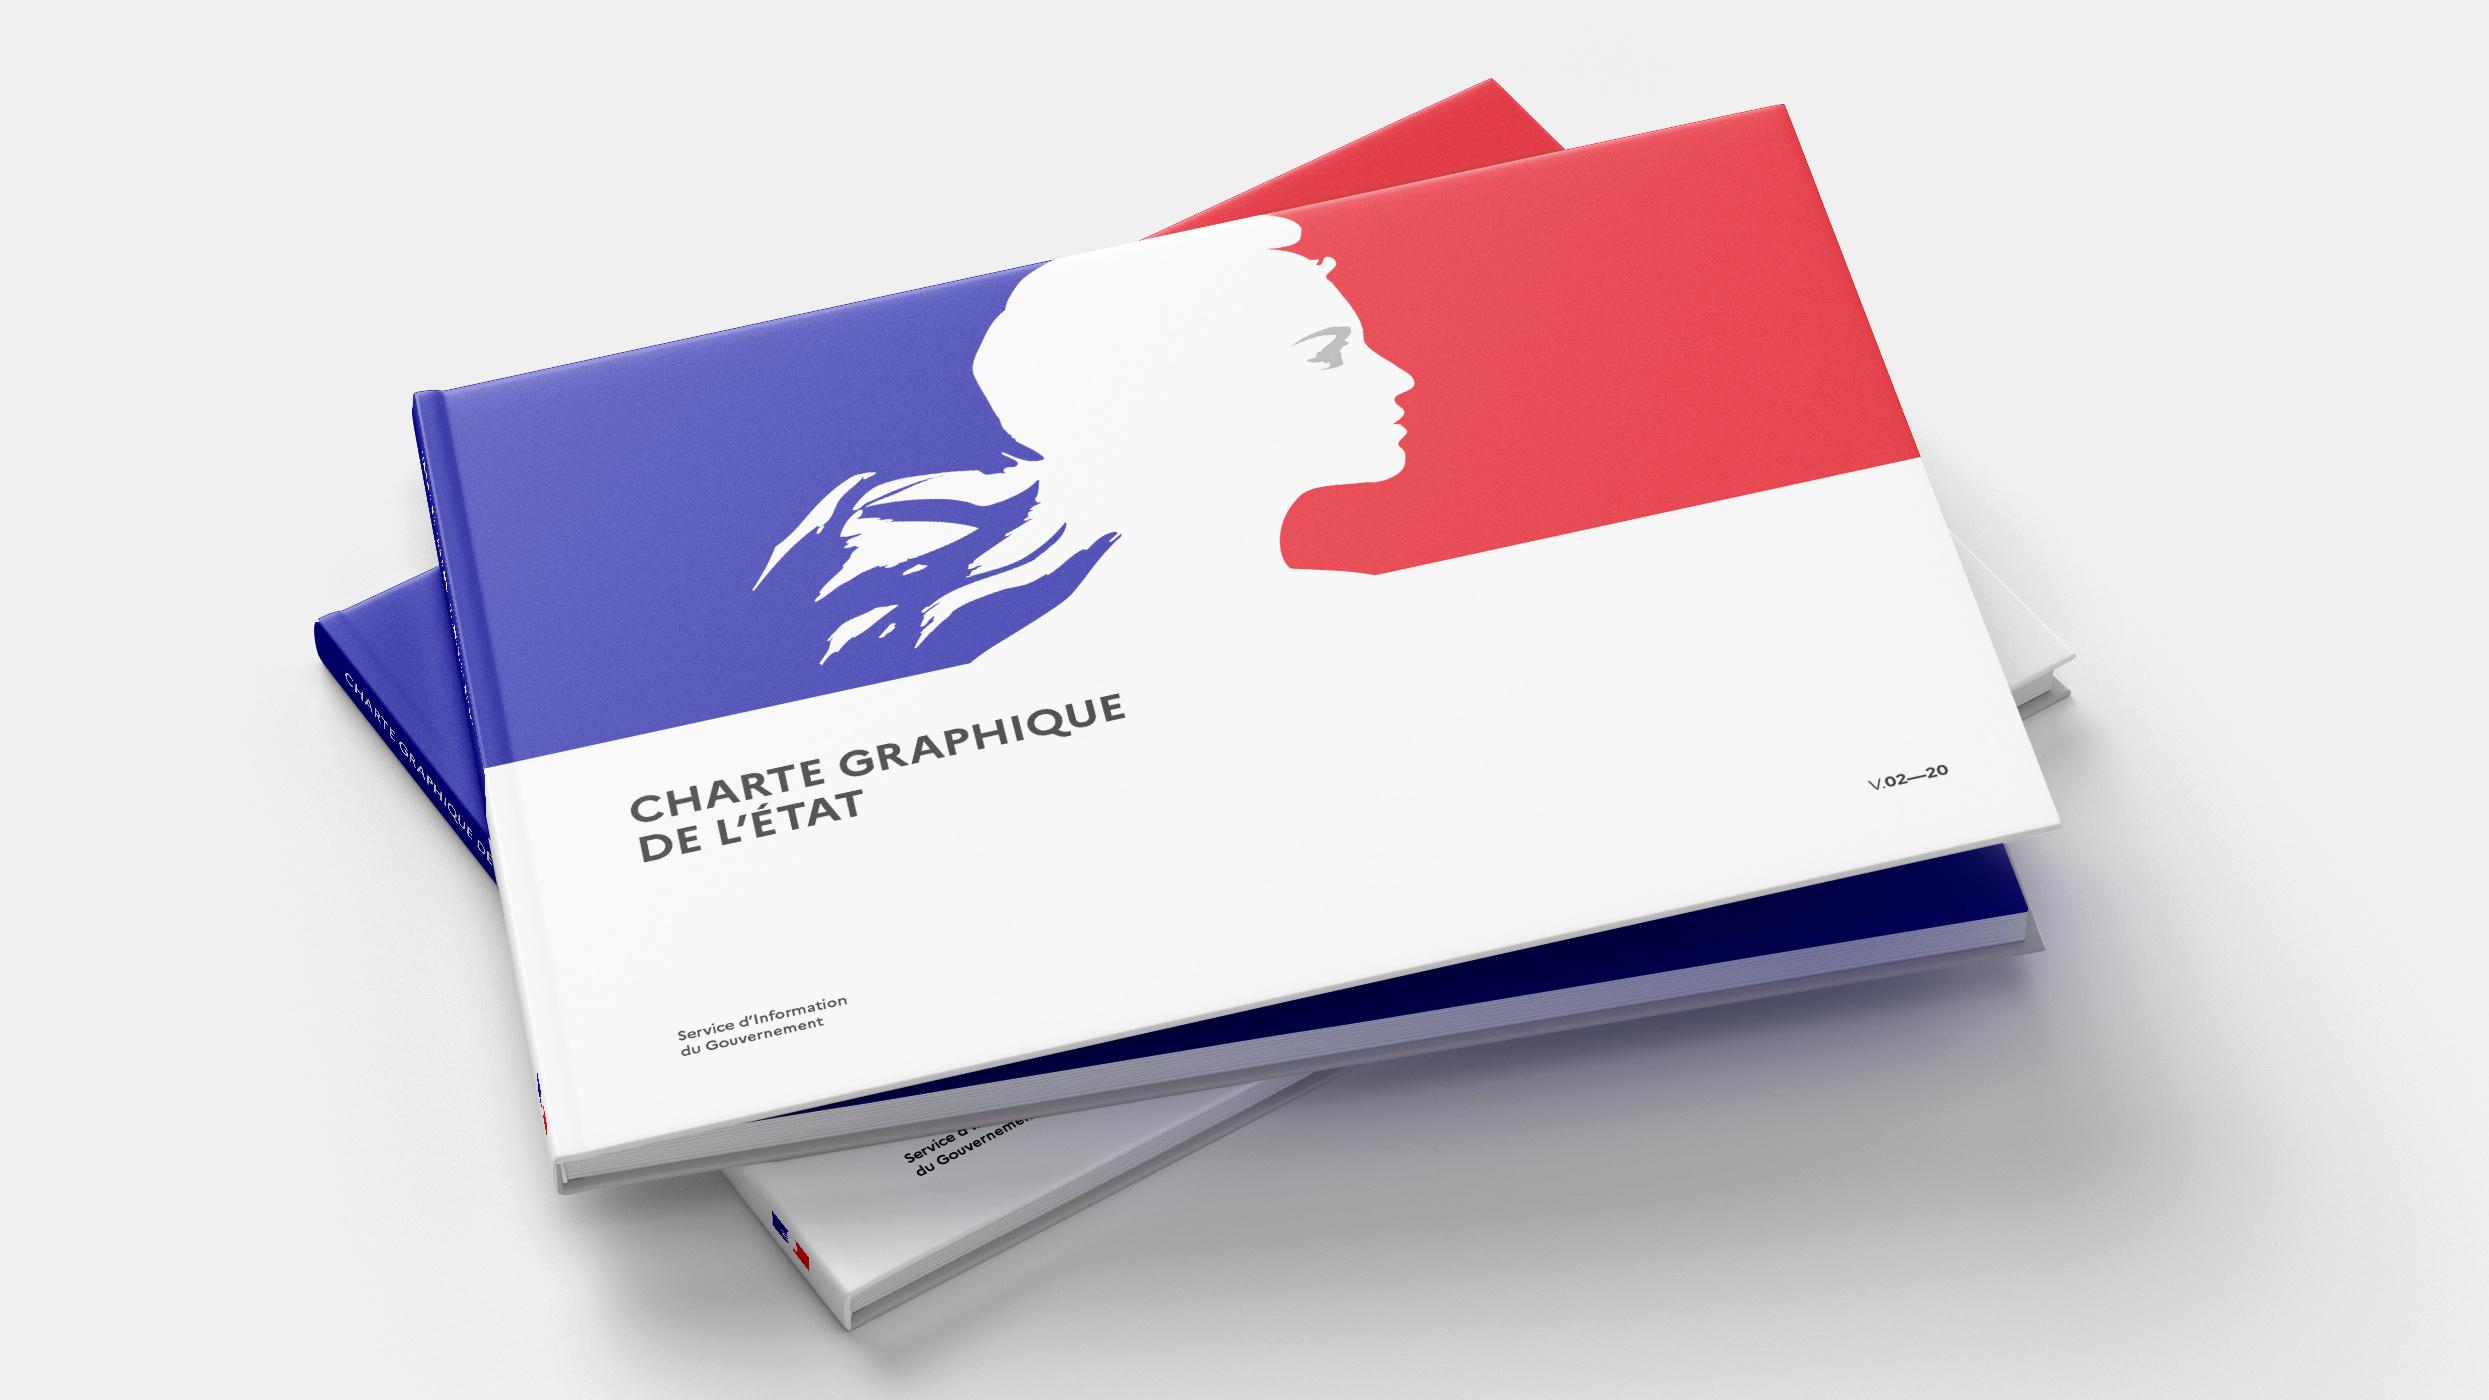 Charte_Graphique_de_l'état